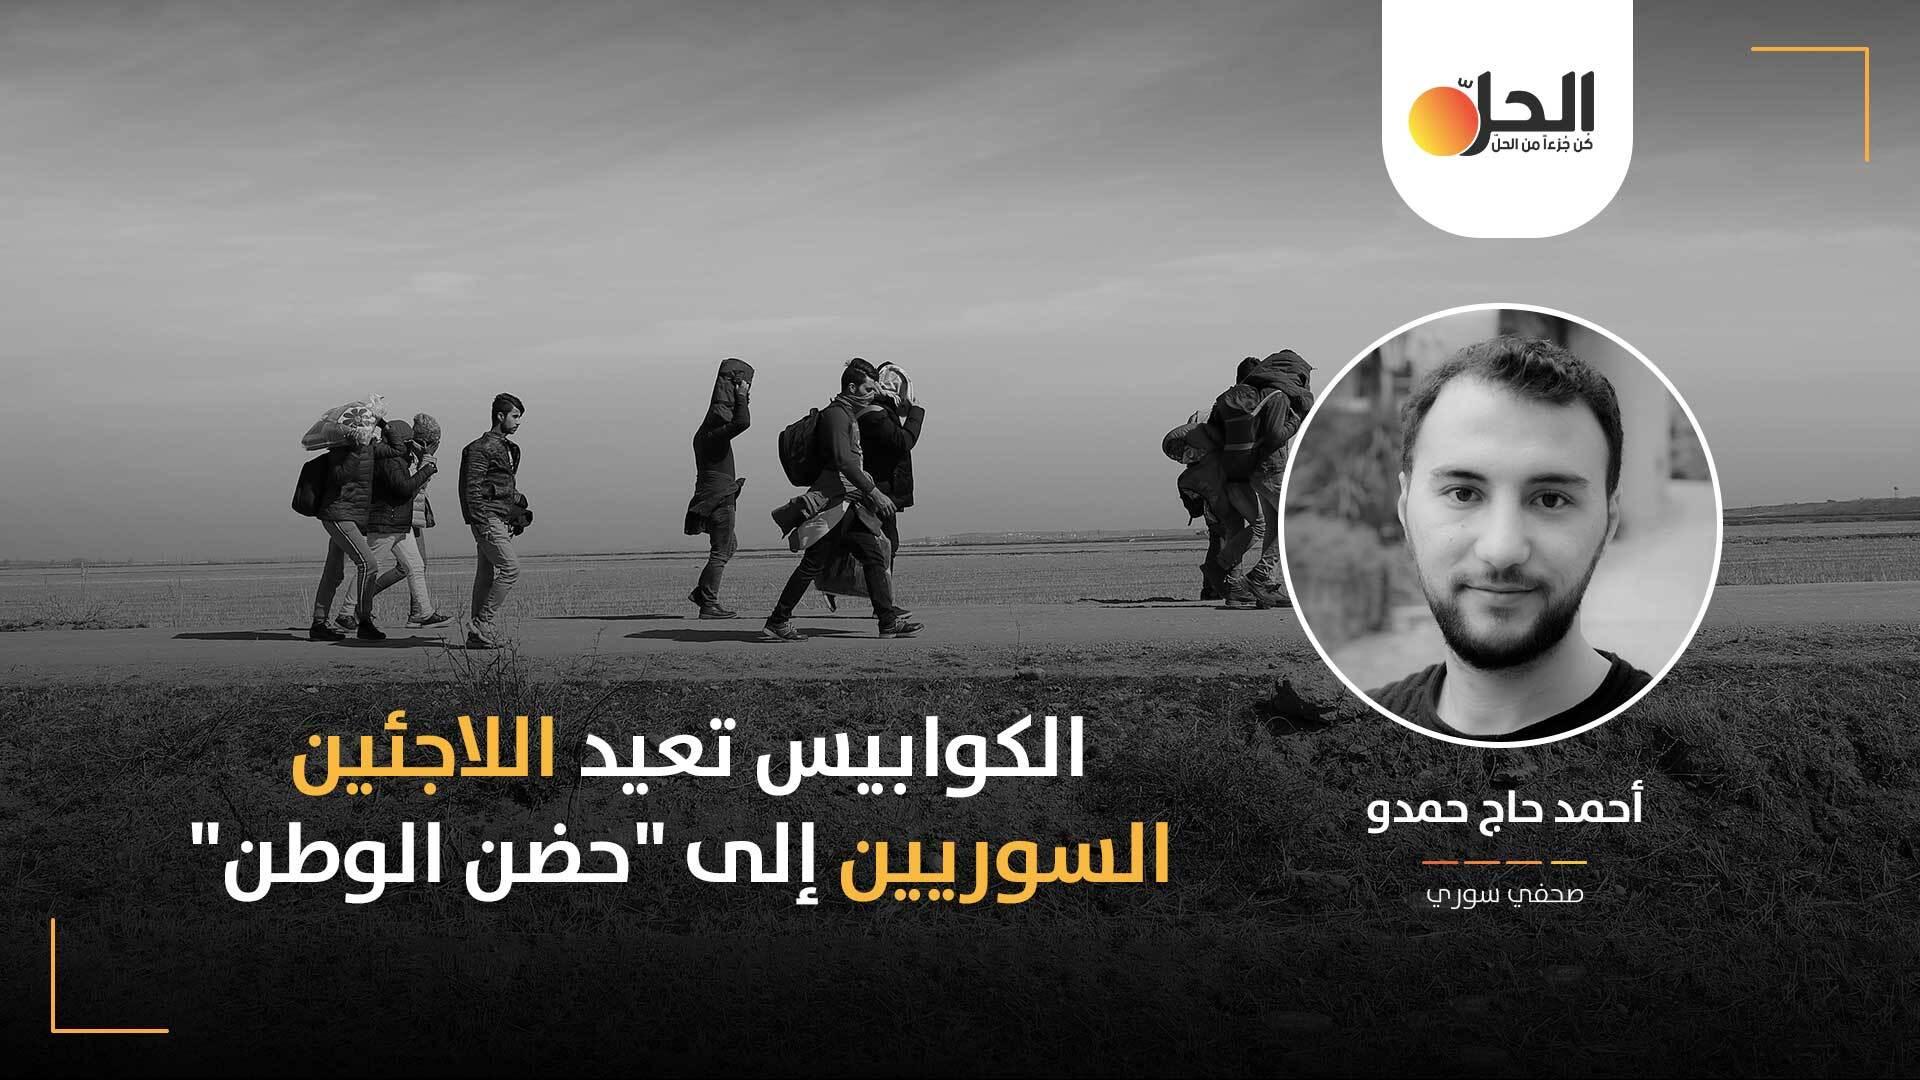 """مع مؤتمرات """"العودة"""": كوابيس """"الوطن"""" تلاحق اللاجئين السوريين في المنافي"""